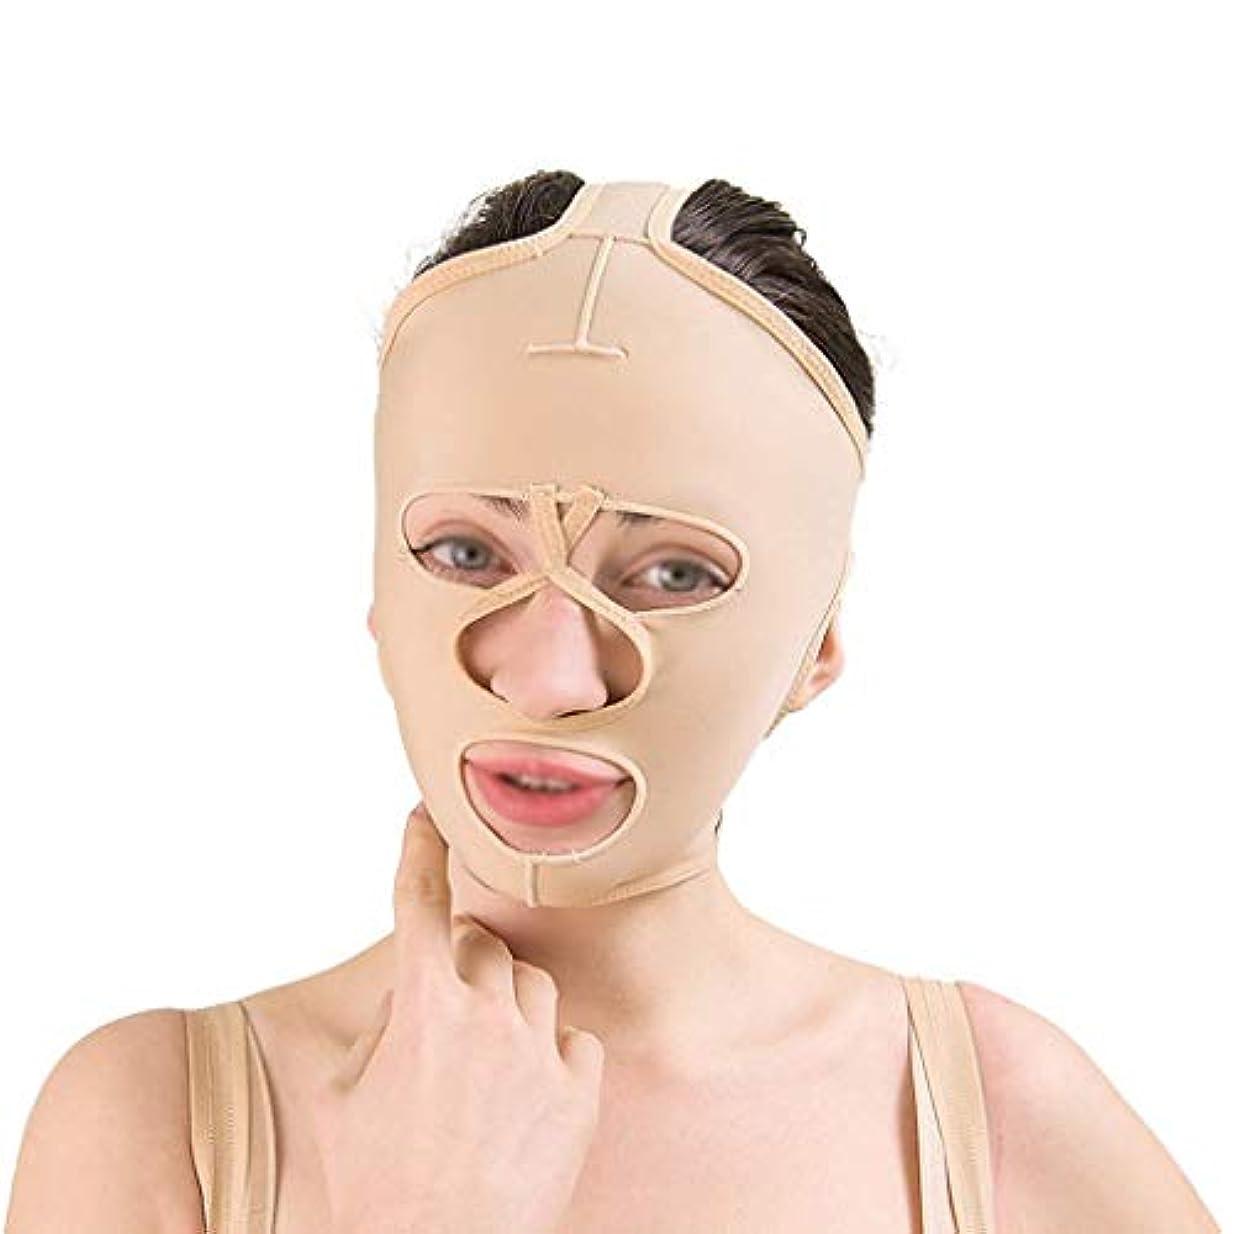 前提聖職者写真撮影フェイシャルリフティングツール、フェイシャルビューティーリフティングマスク、通気性引き締めリフティングフェイシャル包帯、フェイシャルタイトバンデージ(サイズ:L),XL